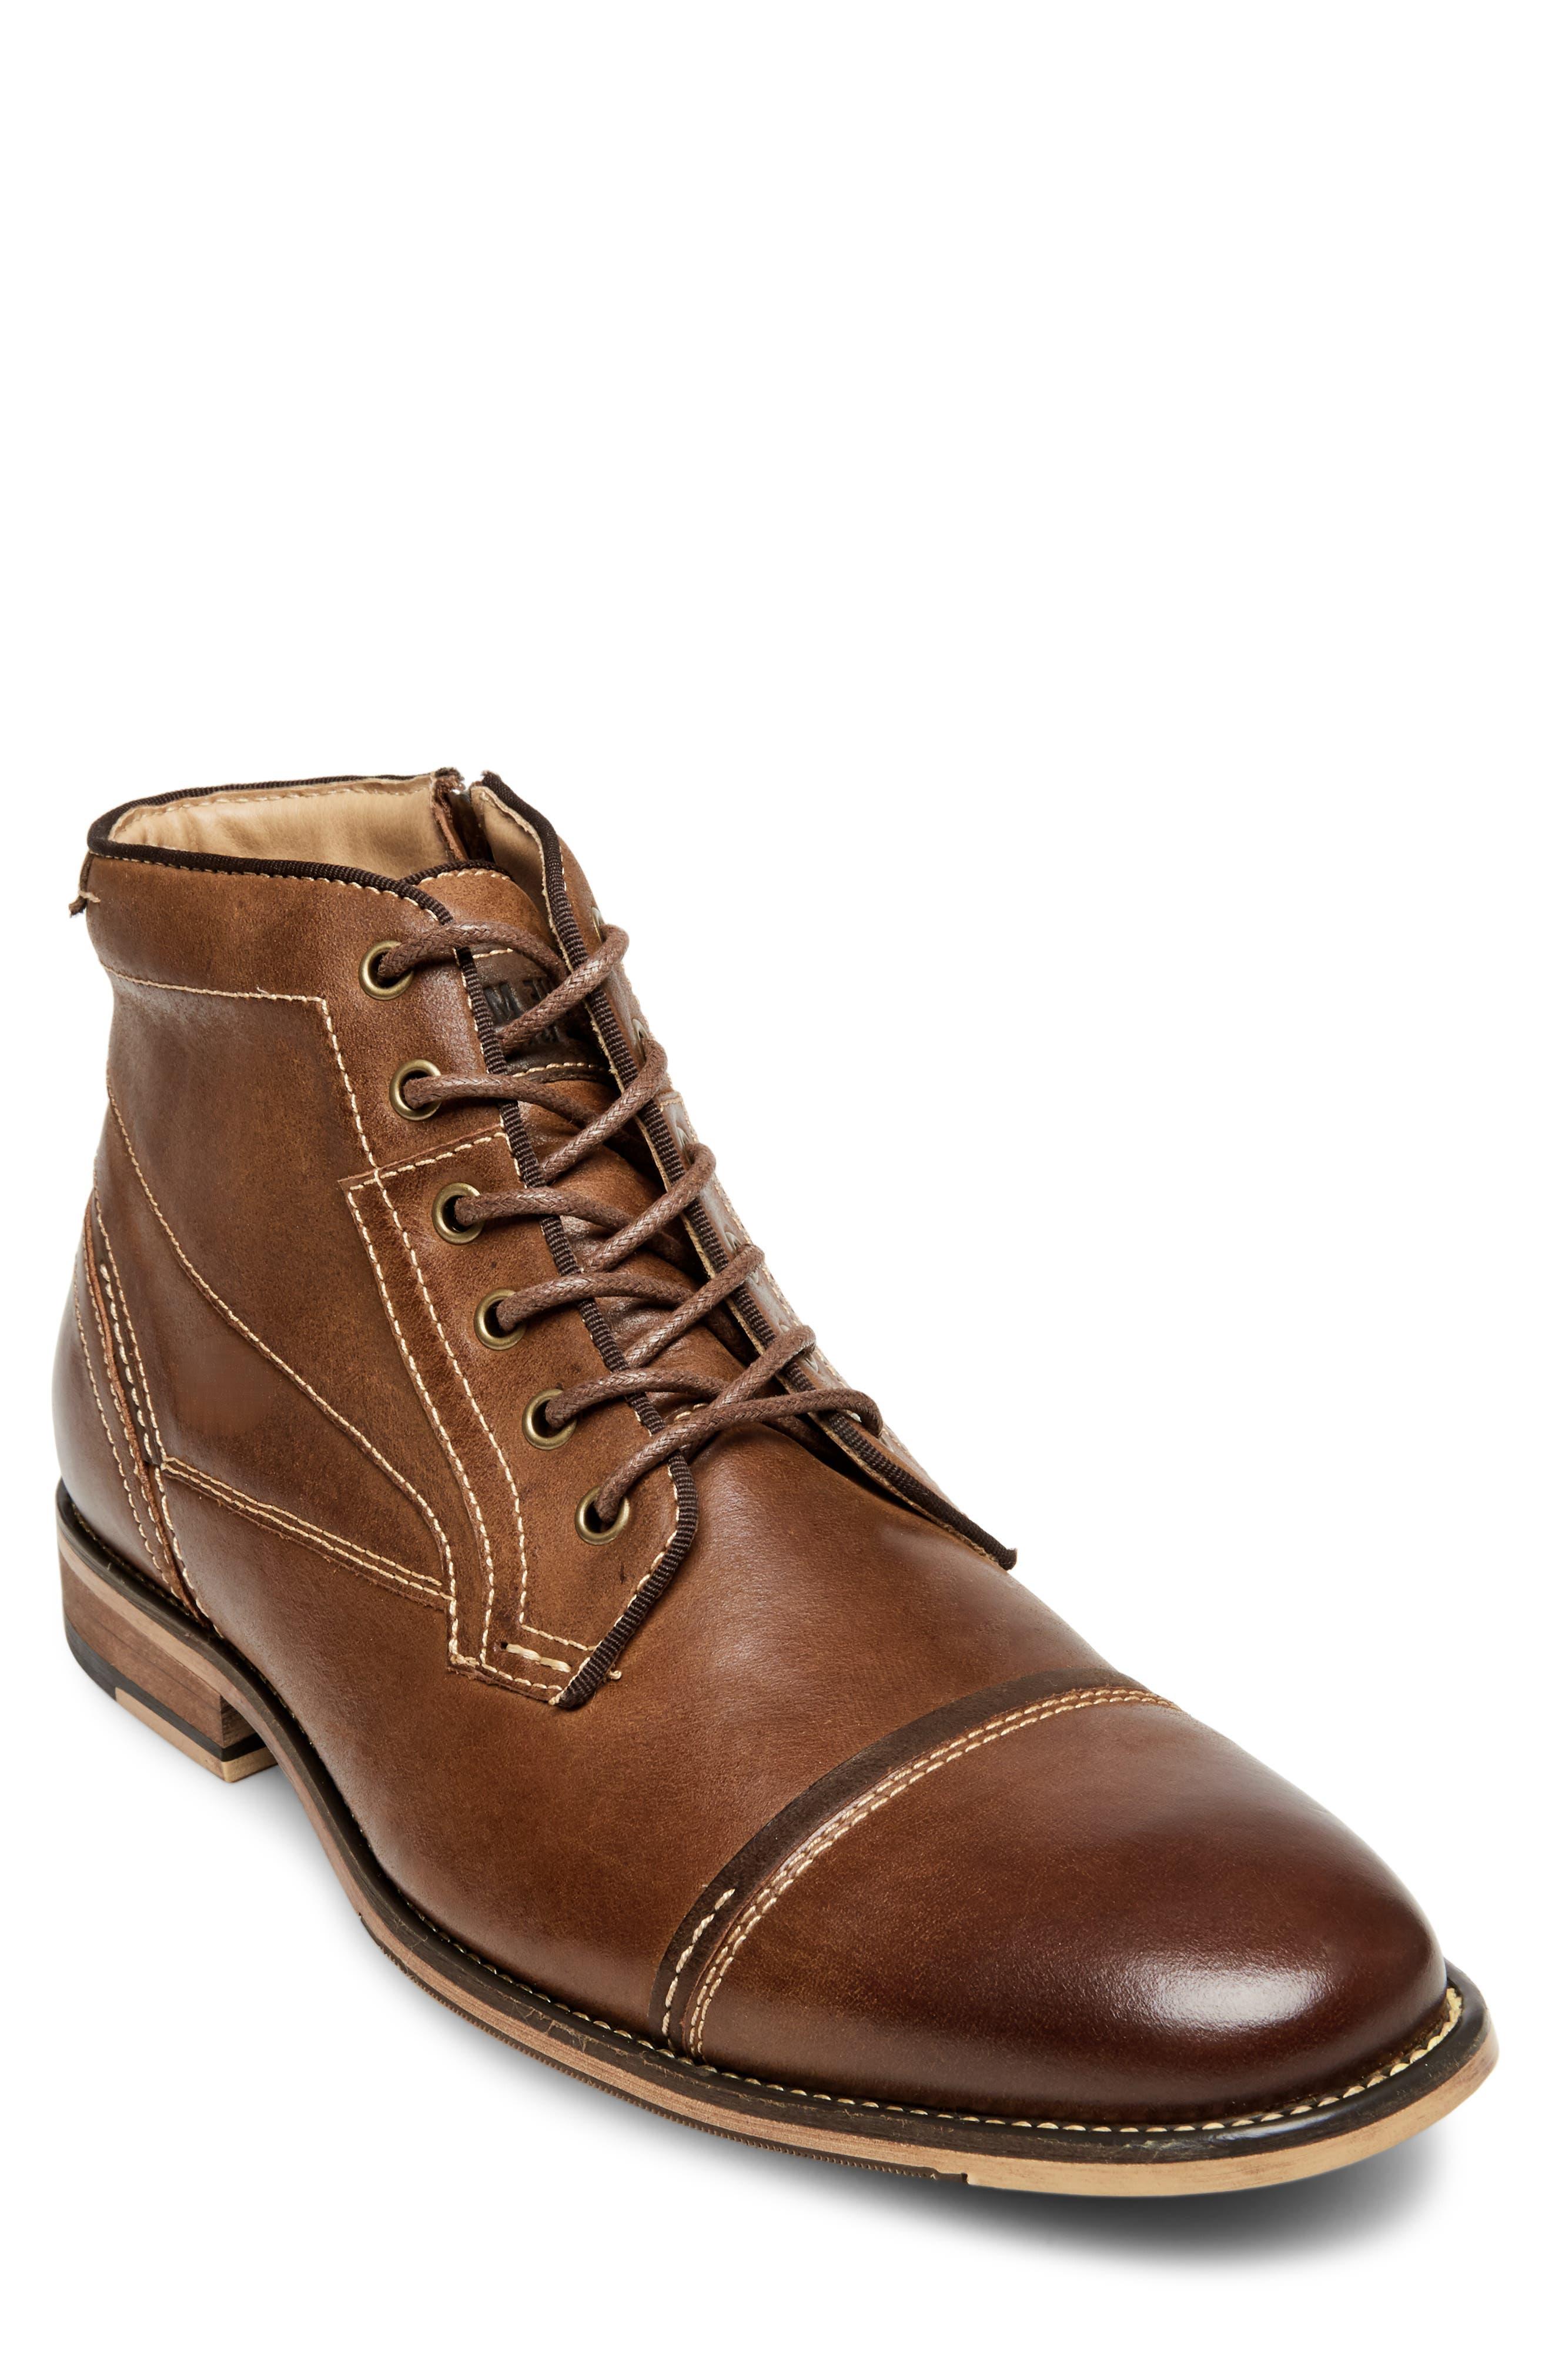 Jeffries Cap Toe Boot,                         Main,                         color, DARK TAN